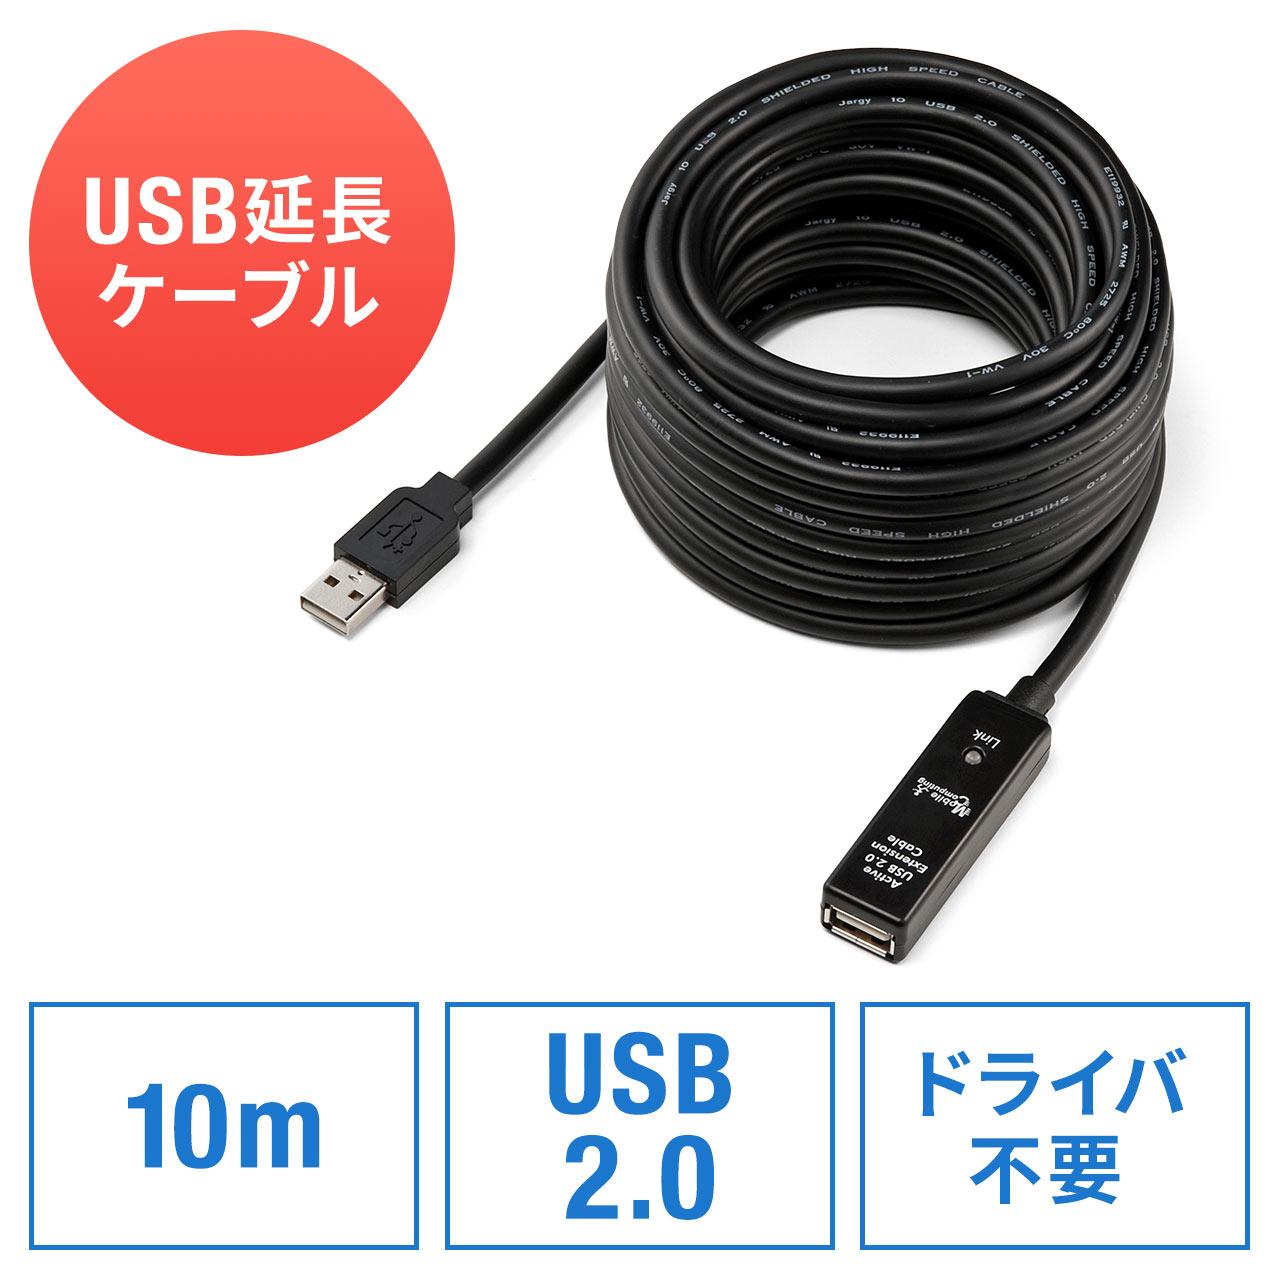 延長 10m usb ケーブル